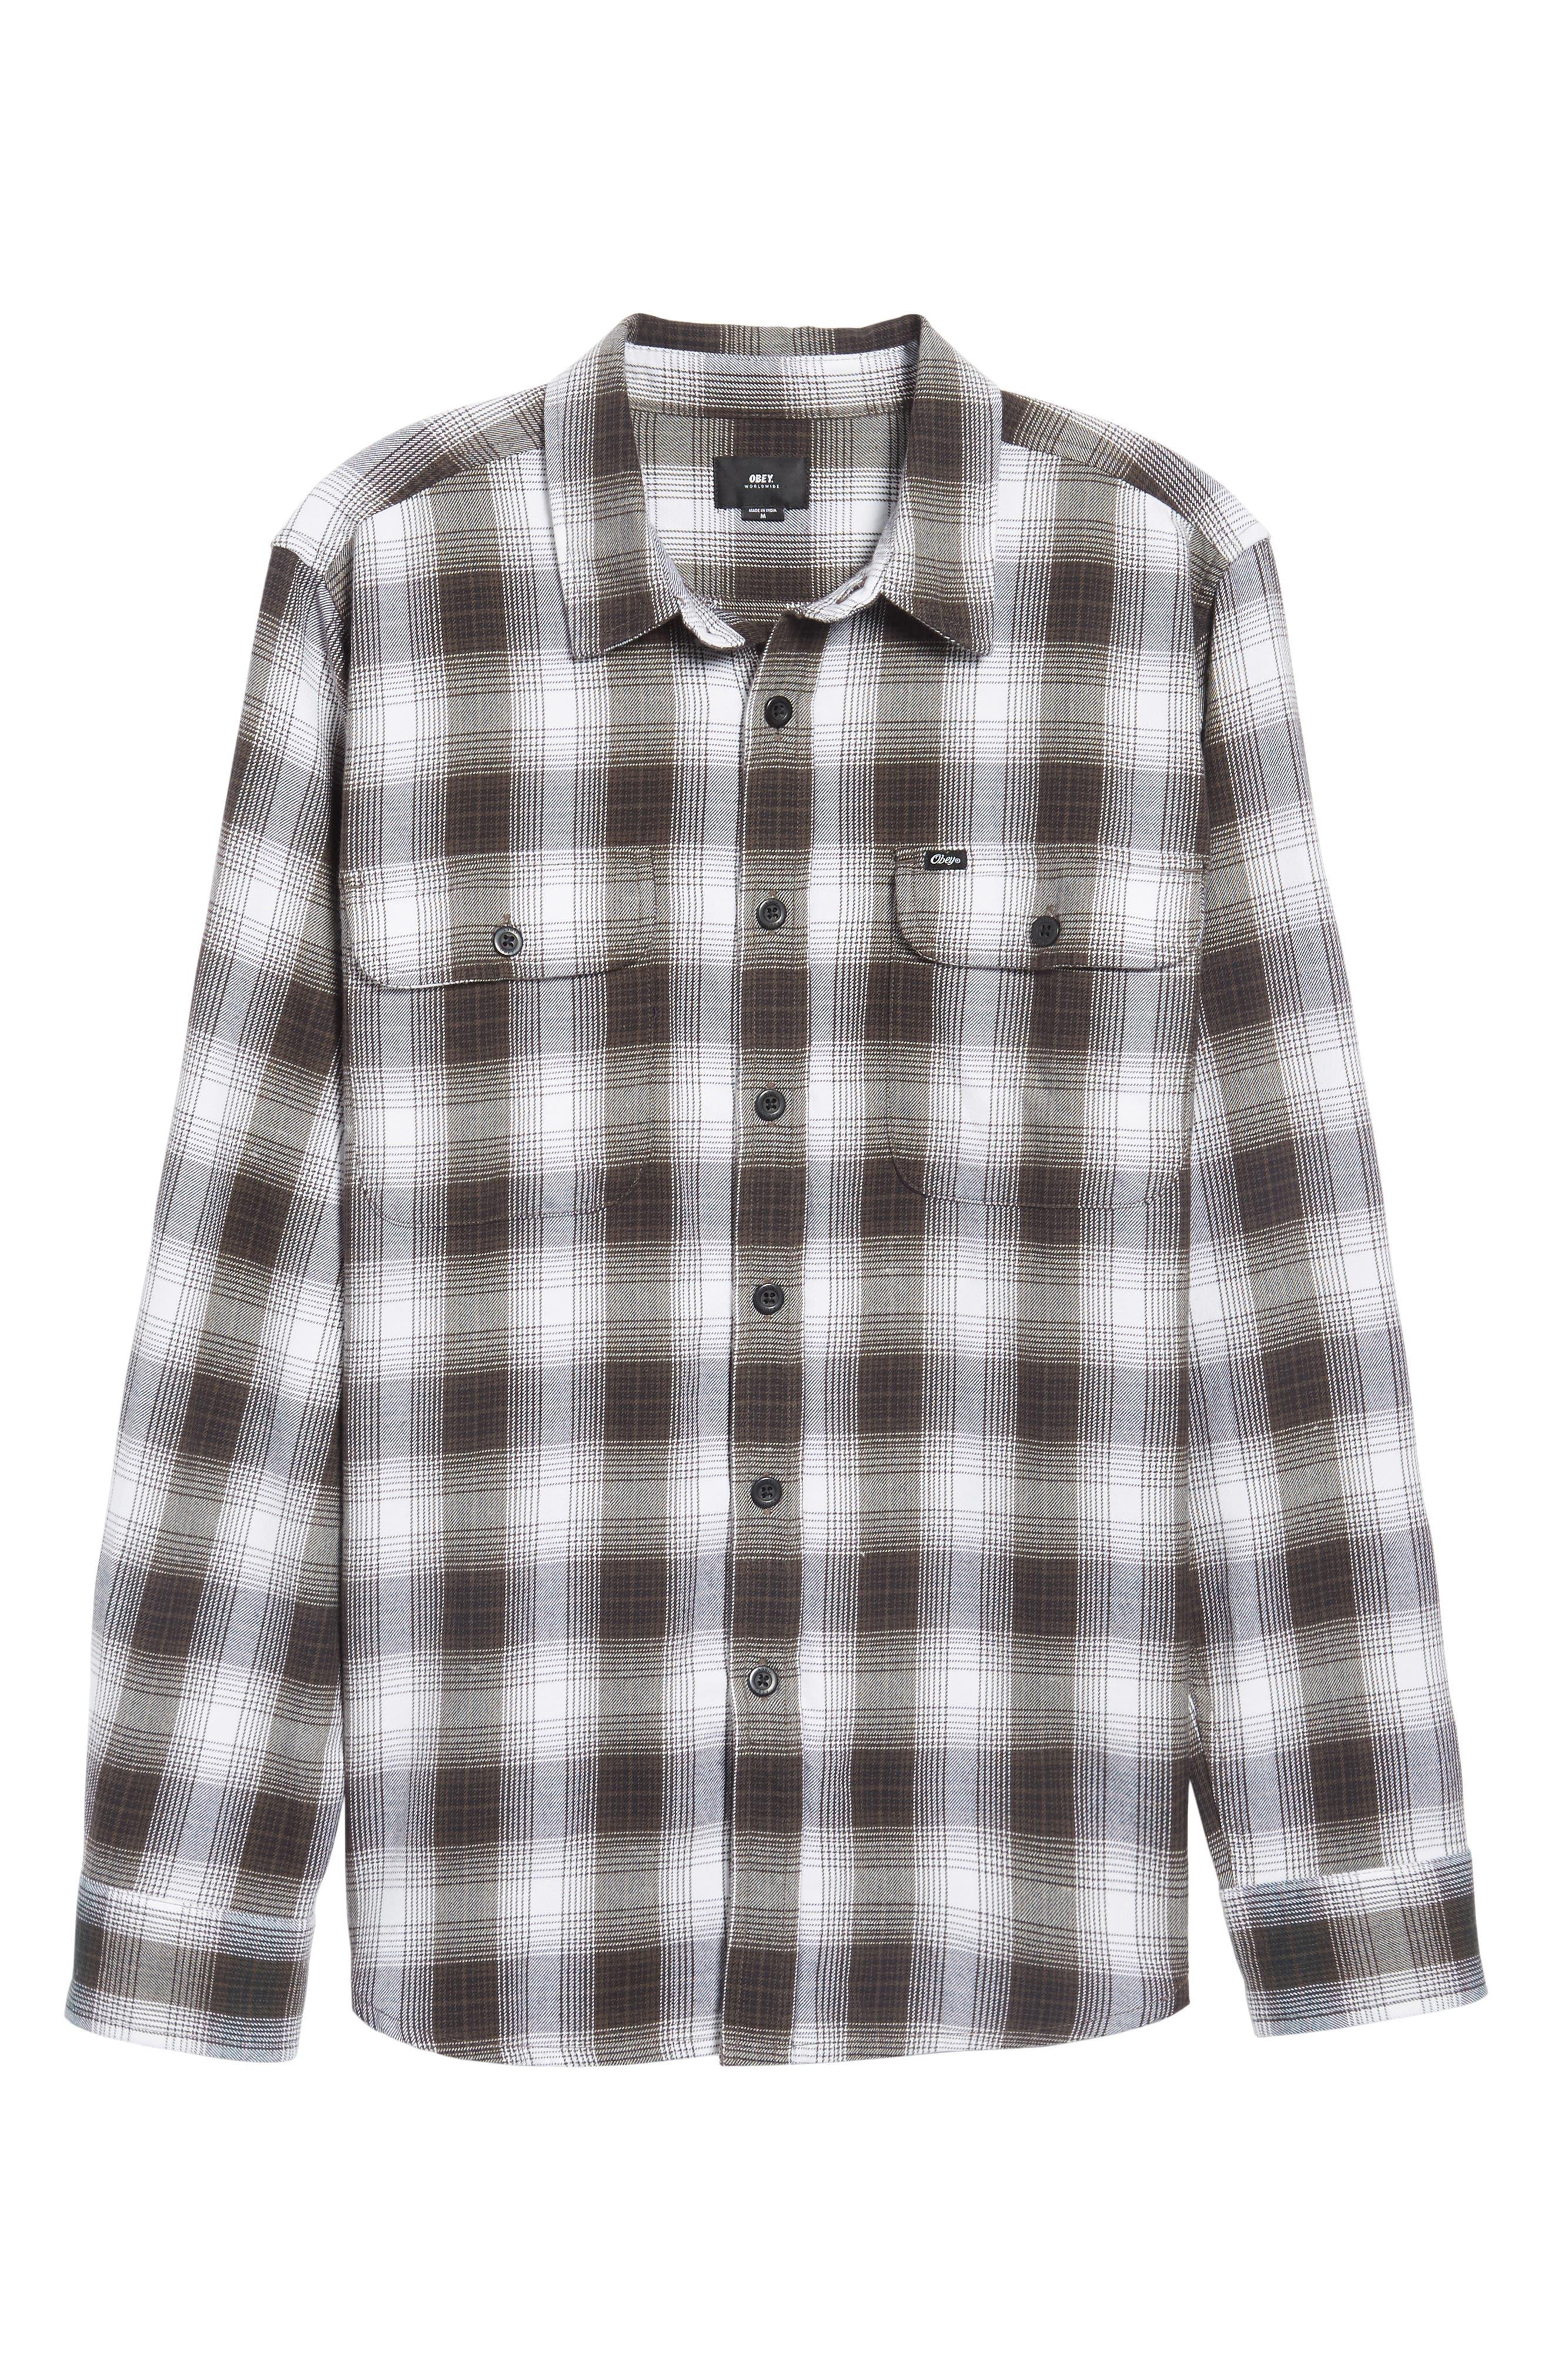 Kemper Plaid Woven Shirt,                             Alternate thumbnail 6, color,                             002